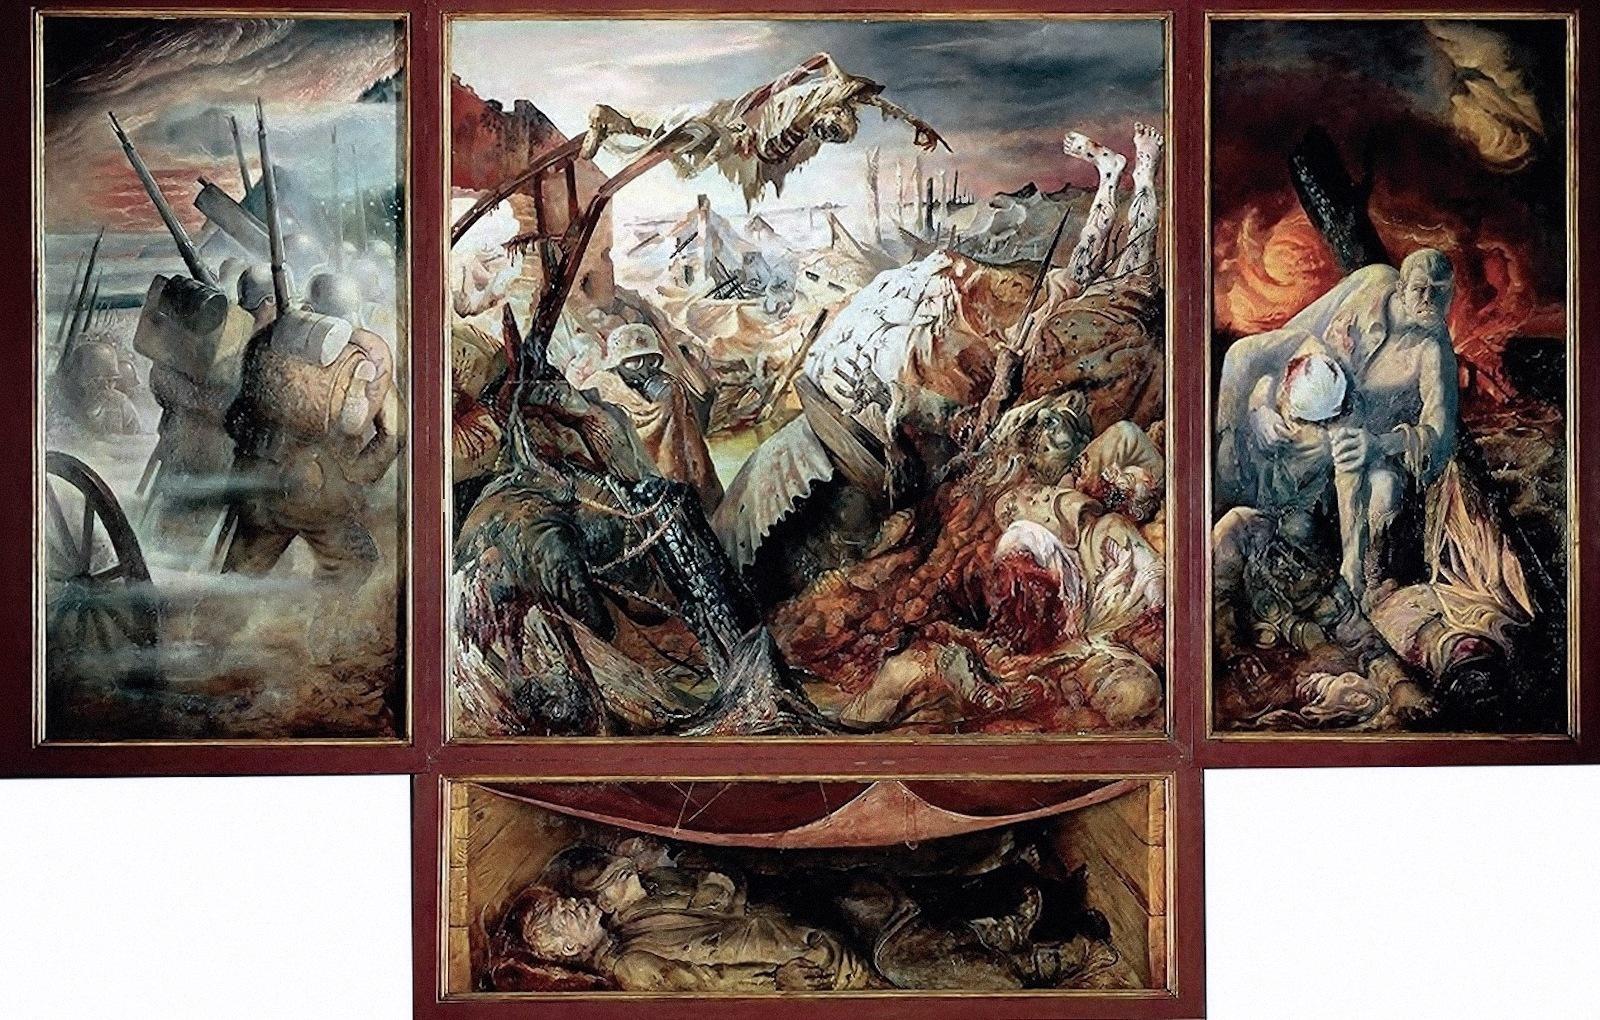 00 Otto Dix. Der Krieg (The War). 1929-32